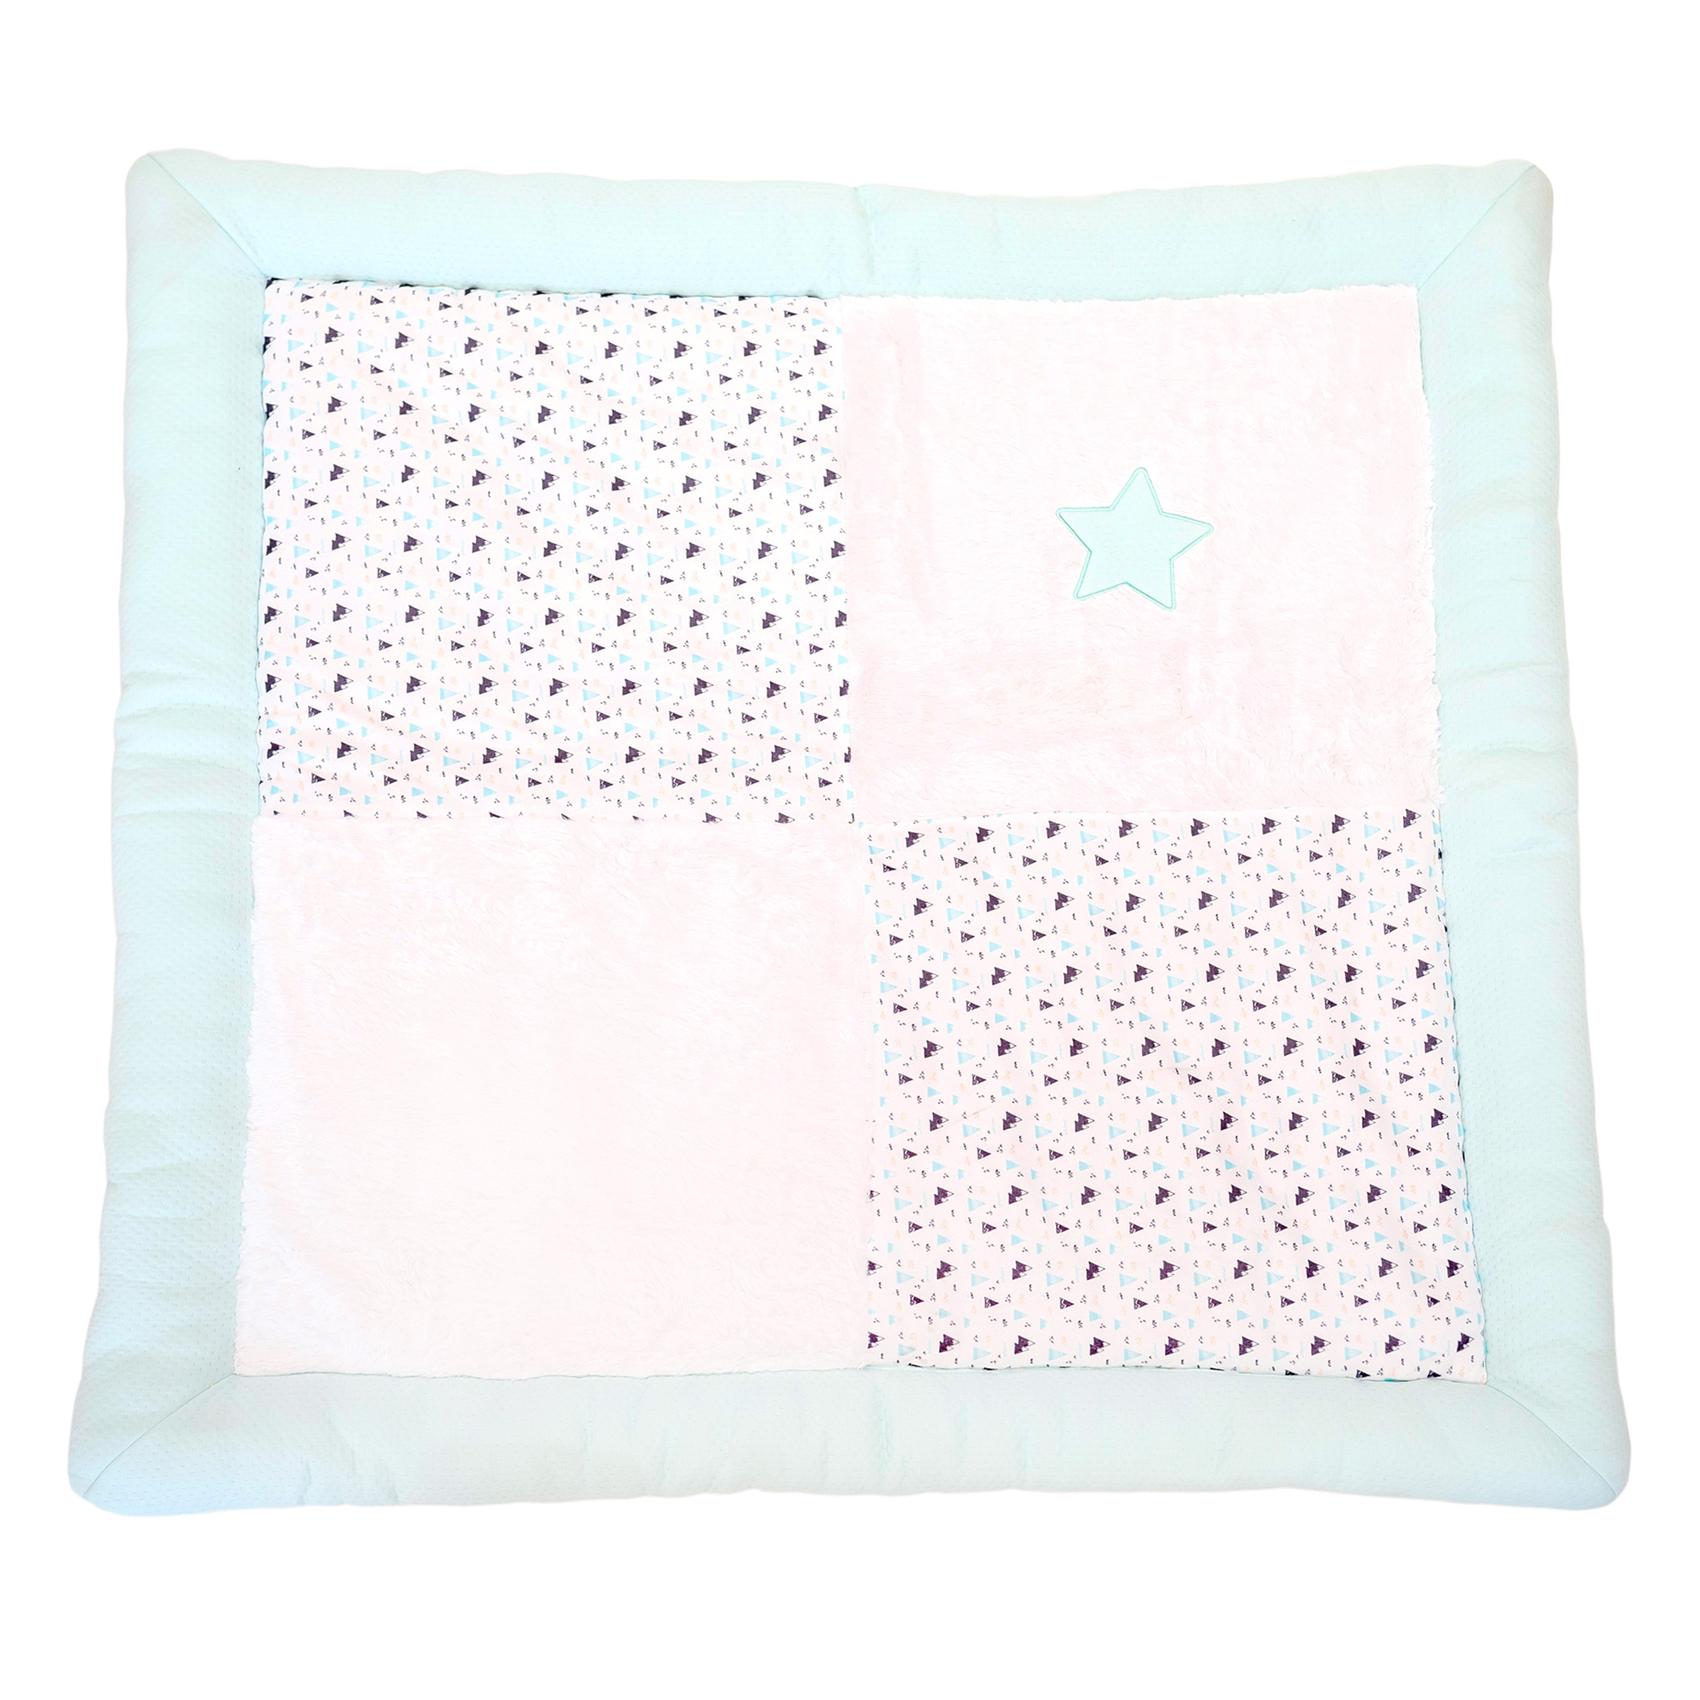 Tapis de parc bébé Blanc/Aqua 100x100 antidérapant